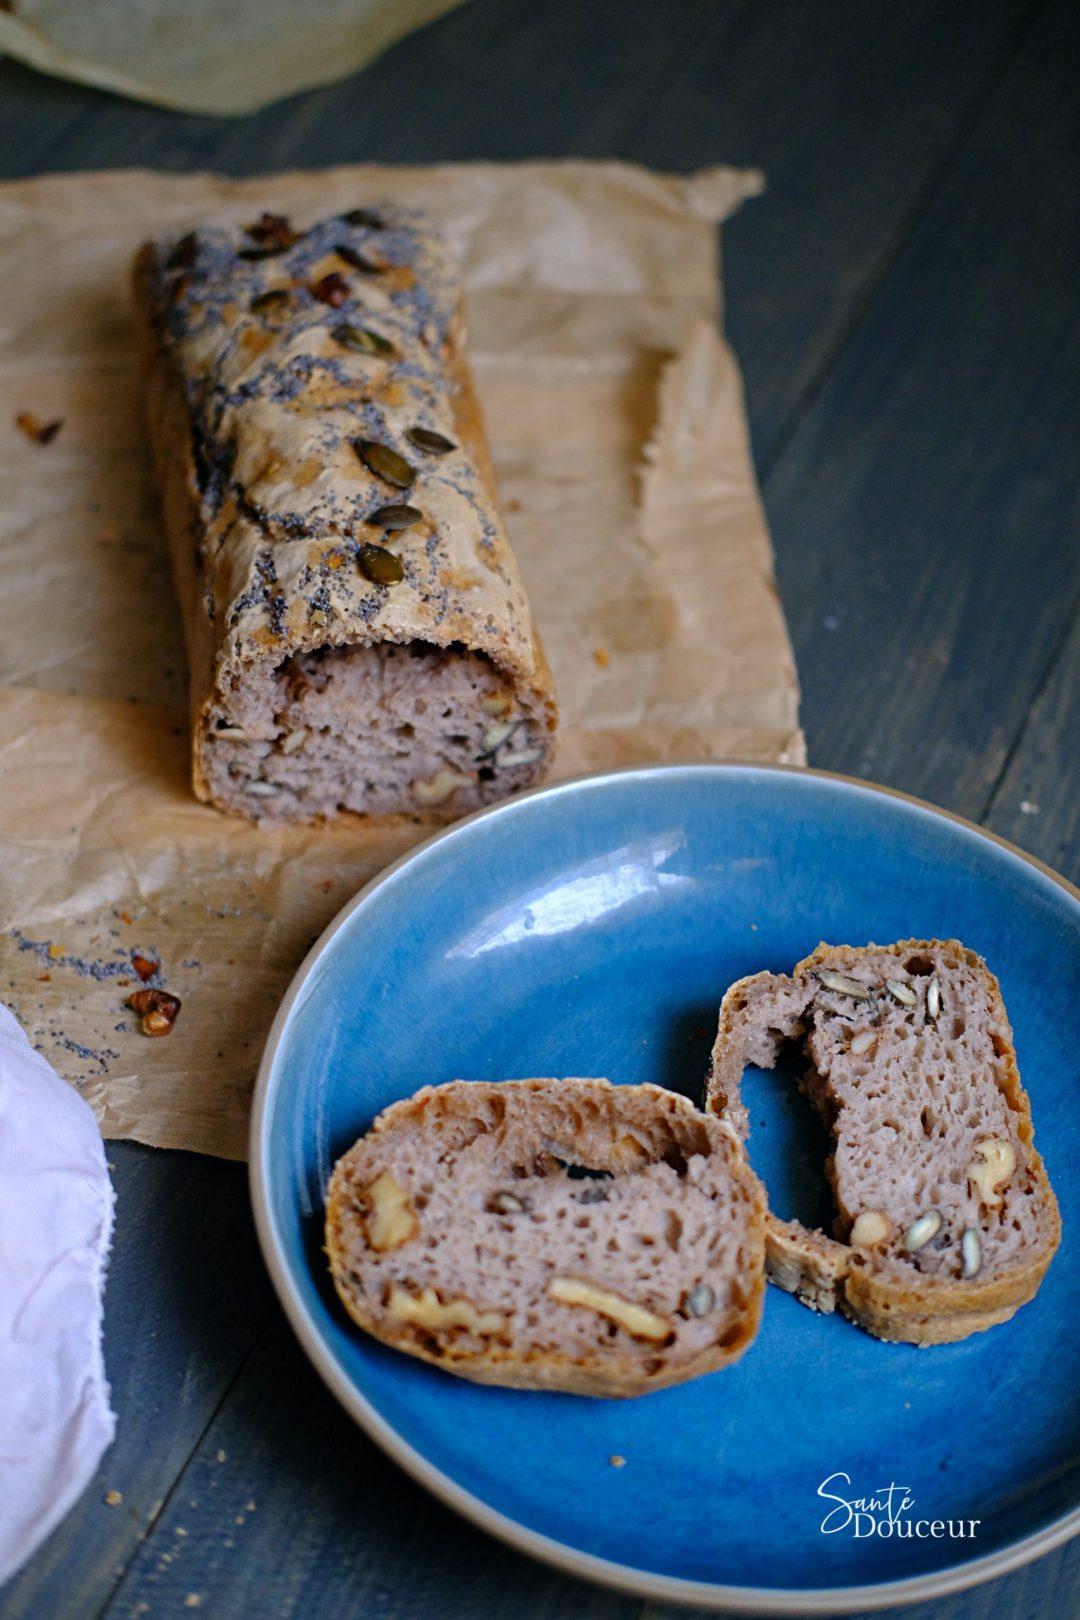 pains aux noix sans gluten naturopathie santé douceur